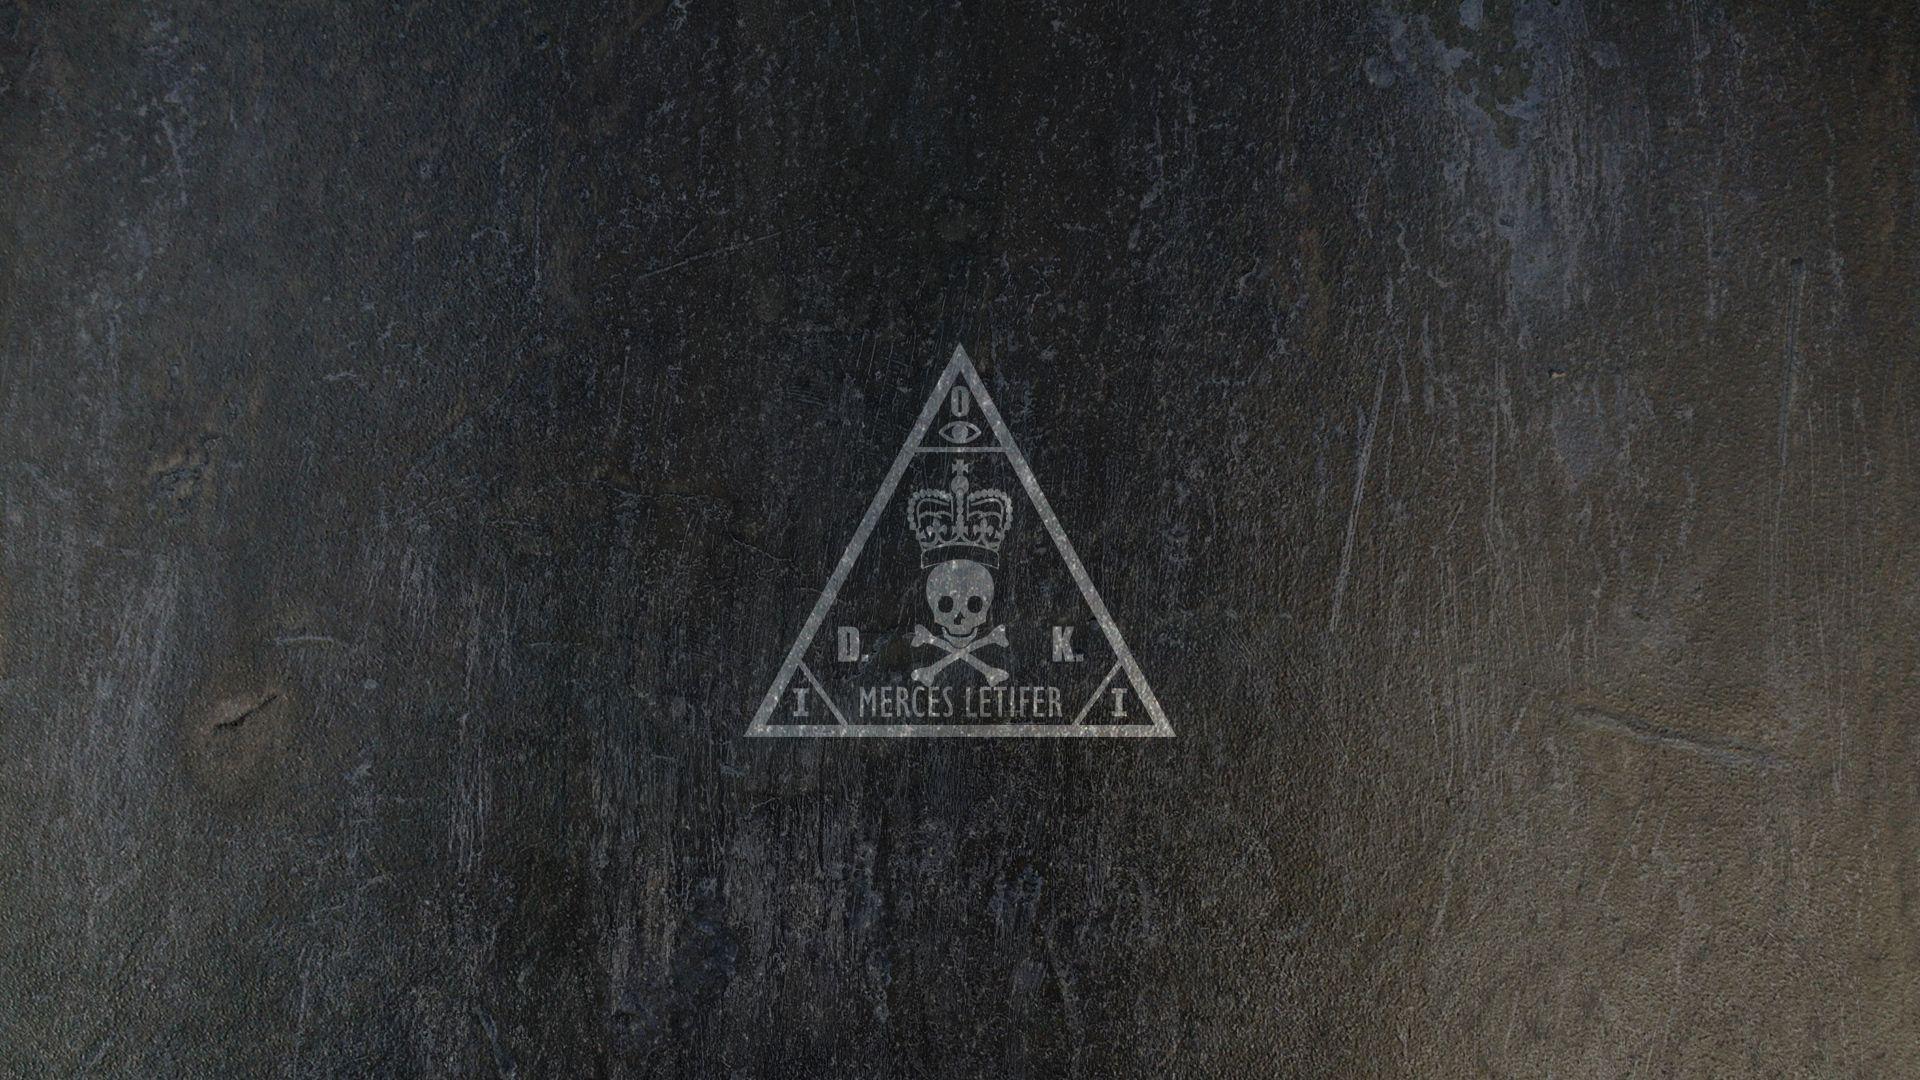 Free Hitman Logo HD Wallpapers mobile